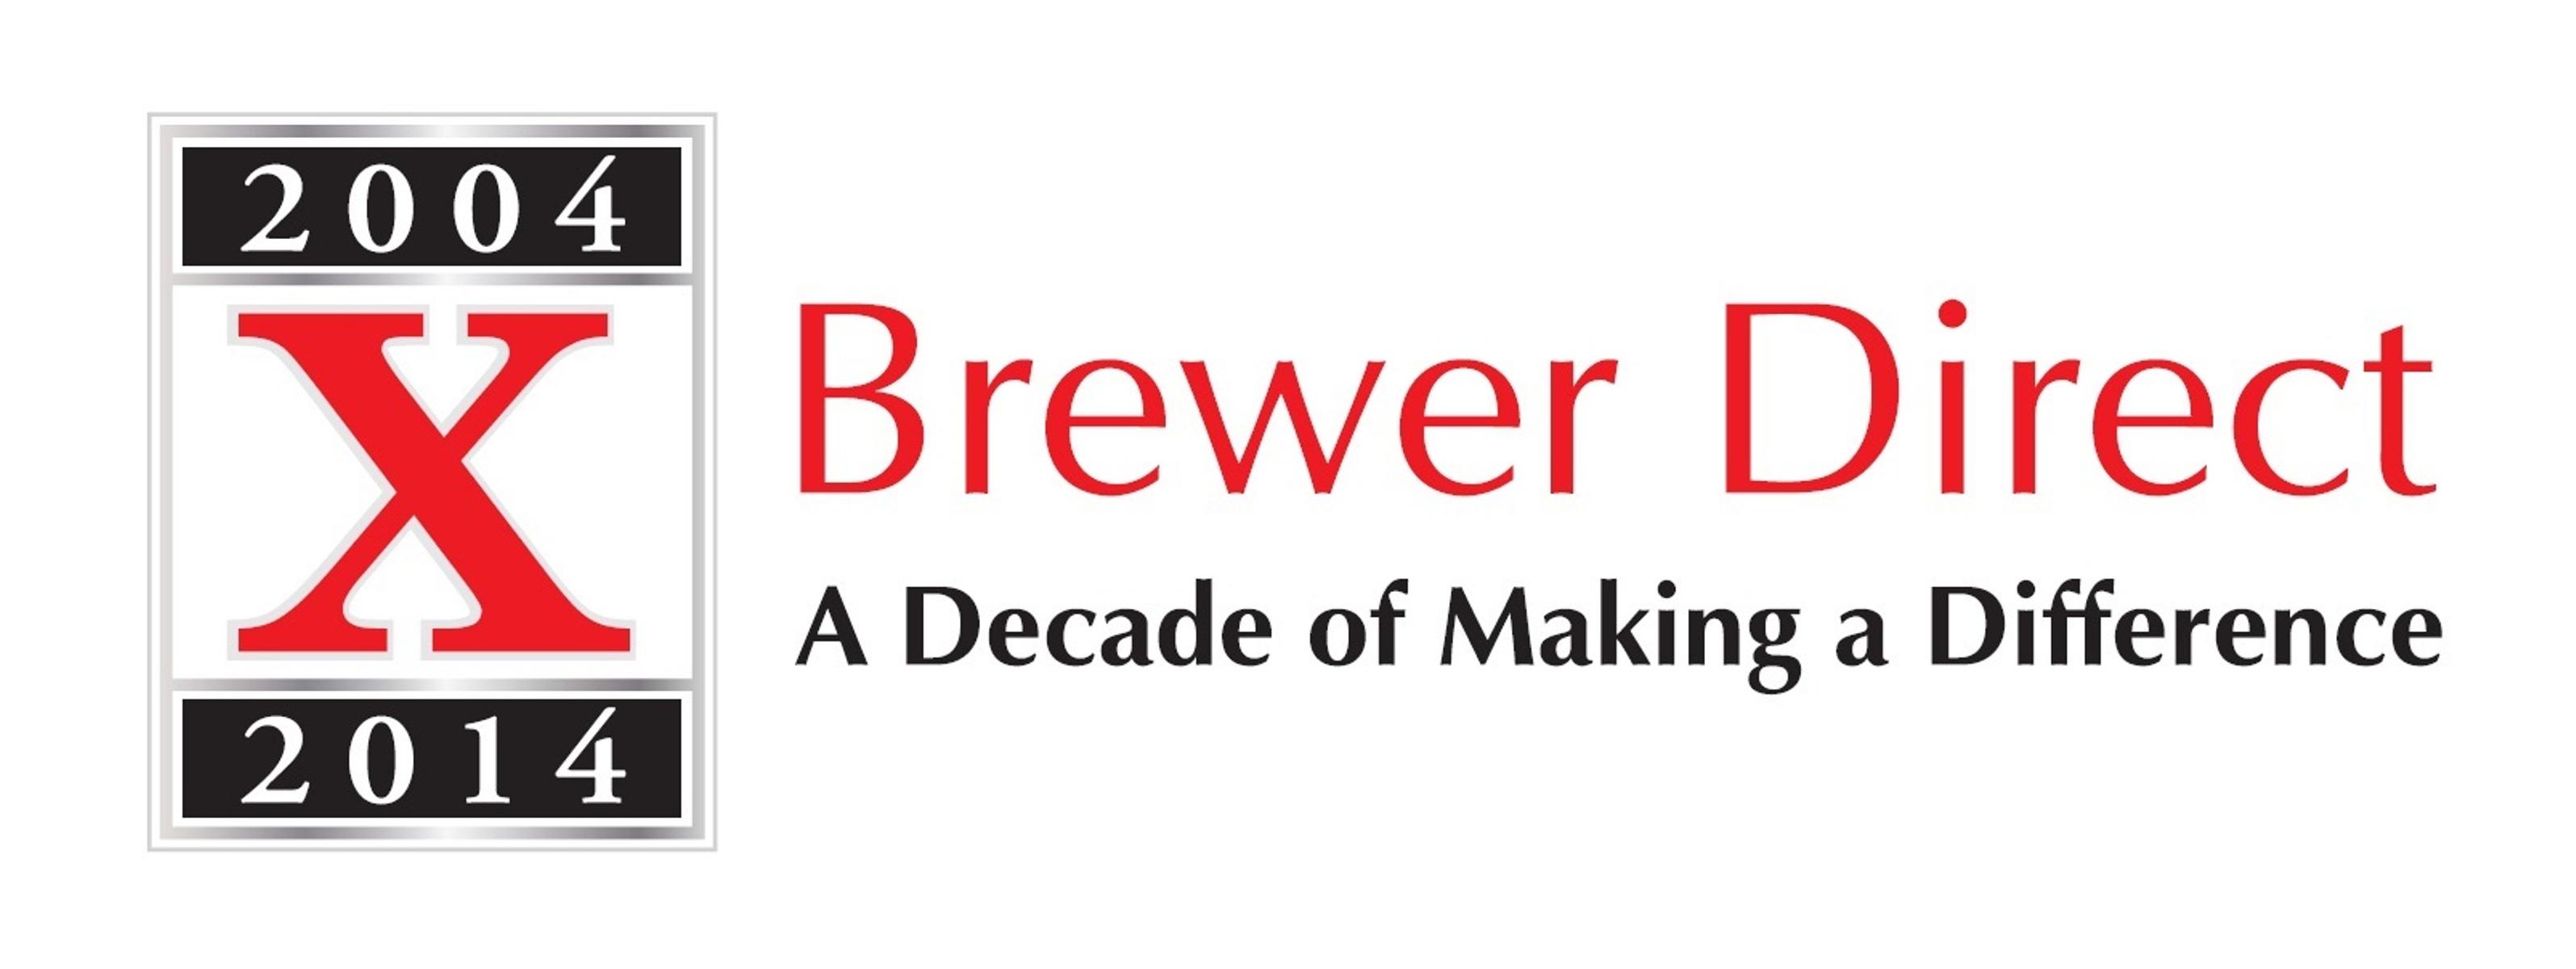 BDI 10 Yr Anniversary Logo